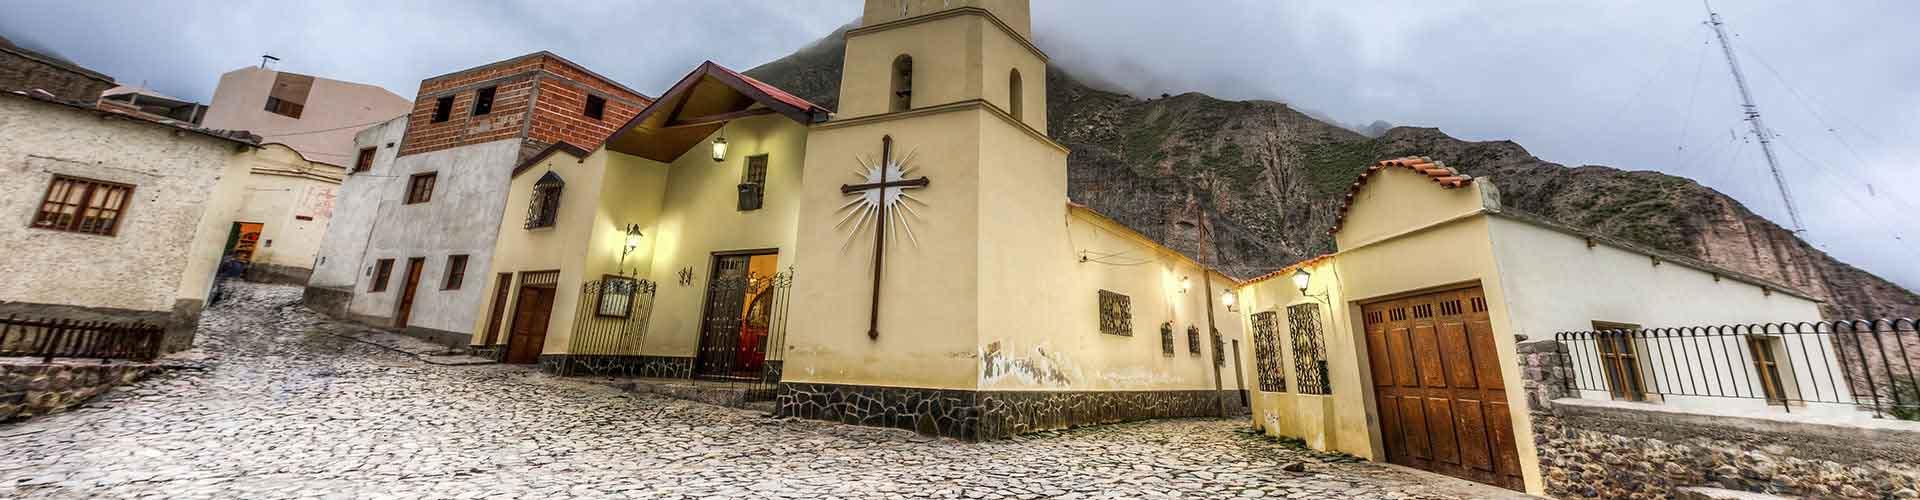 Salta – Hostels in Salta. Karten für Salta. Fotos und Bewertungen für jedes Hostel in Salta.